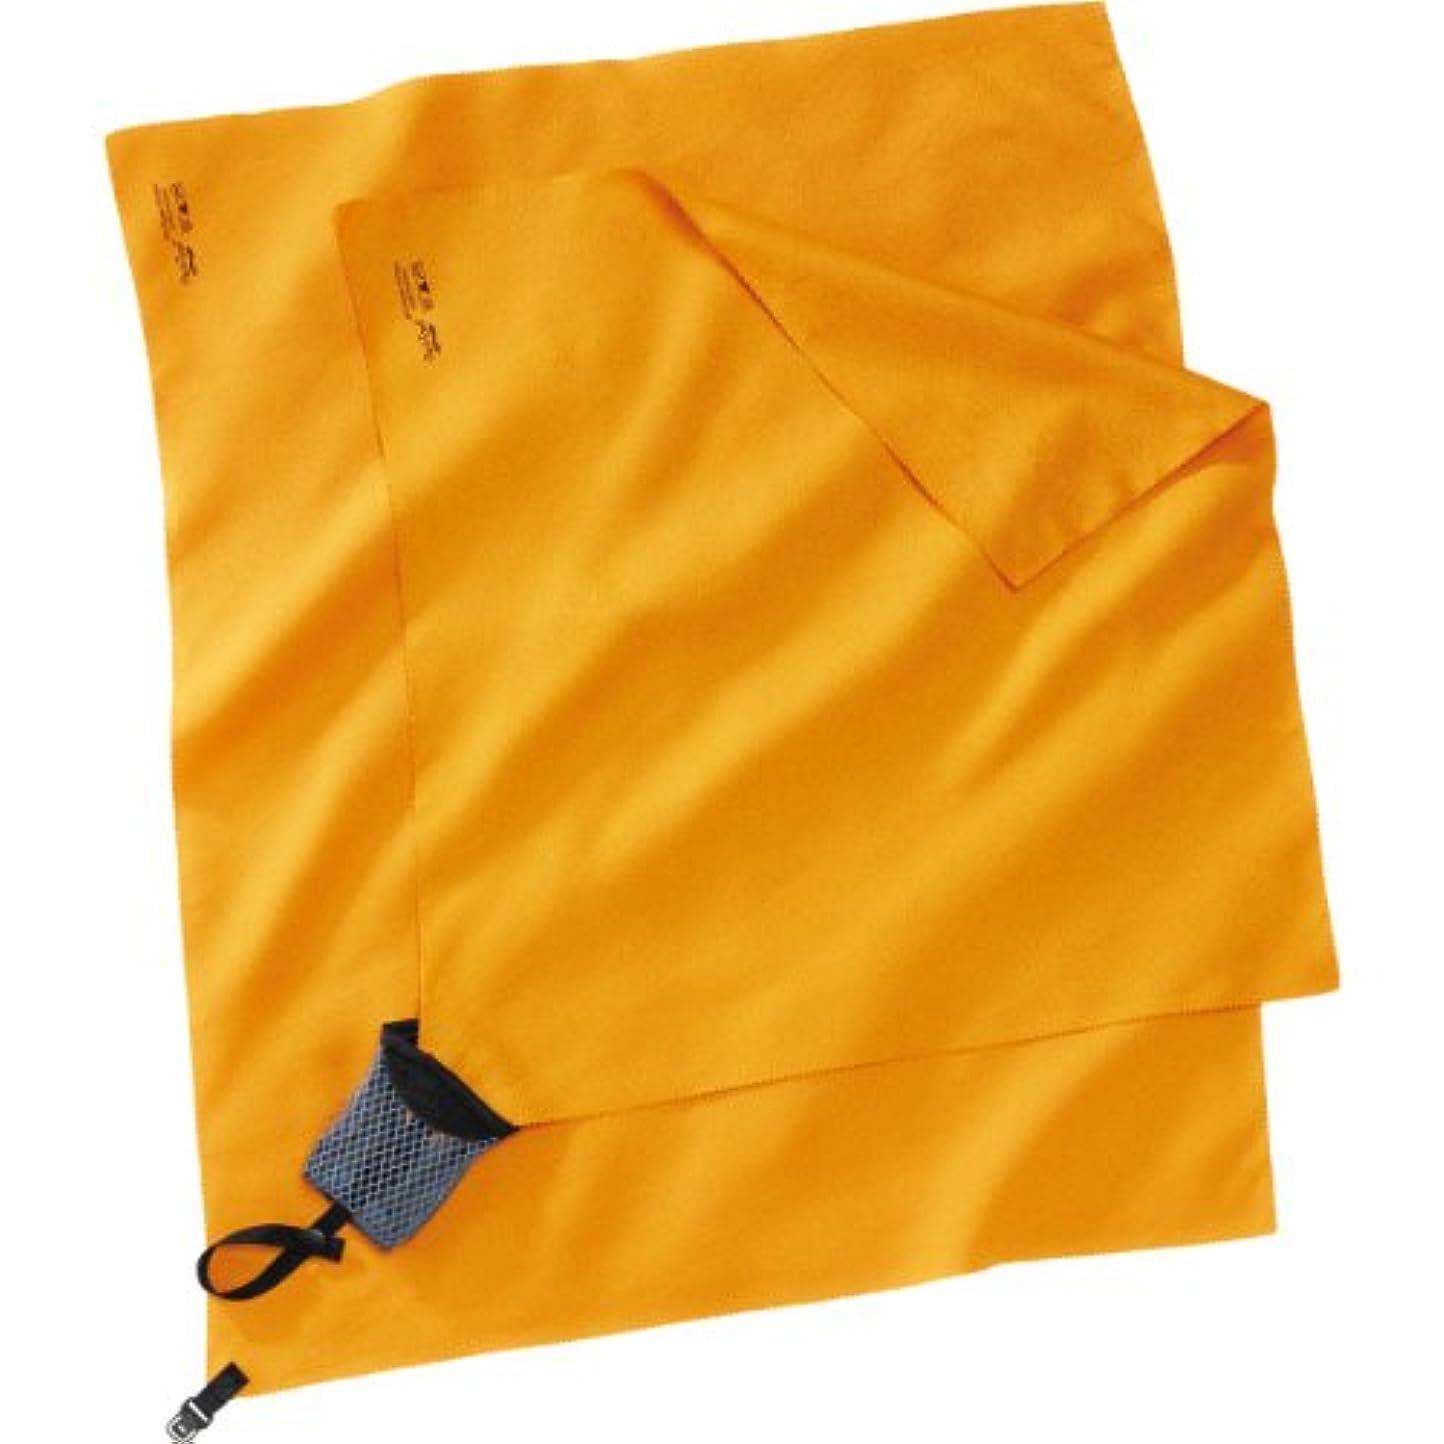 社会オーストラリア人故障PACKTOWL パックタオル NANO S ナノ 橙 (SUNRISE 橙, S 41x43cm) [並行輸入品]